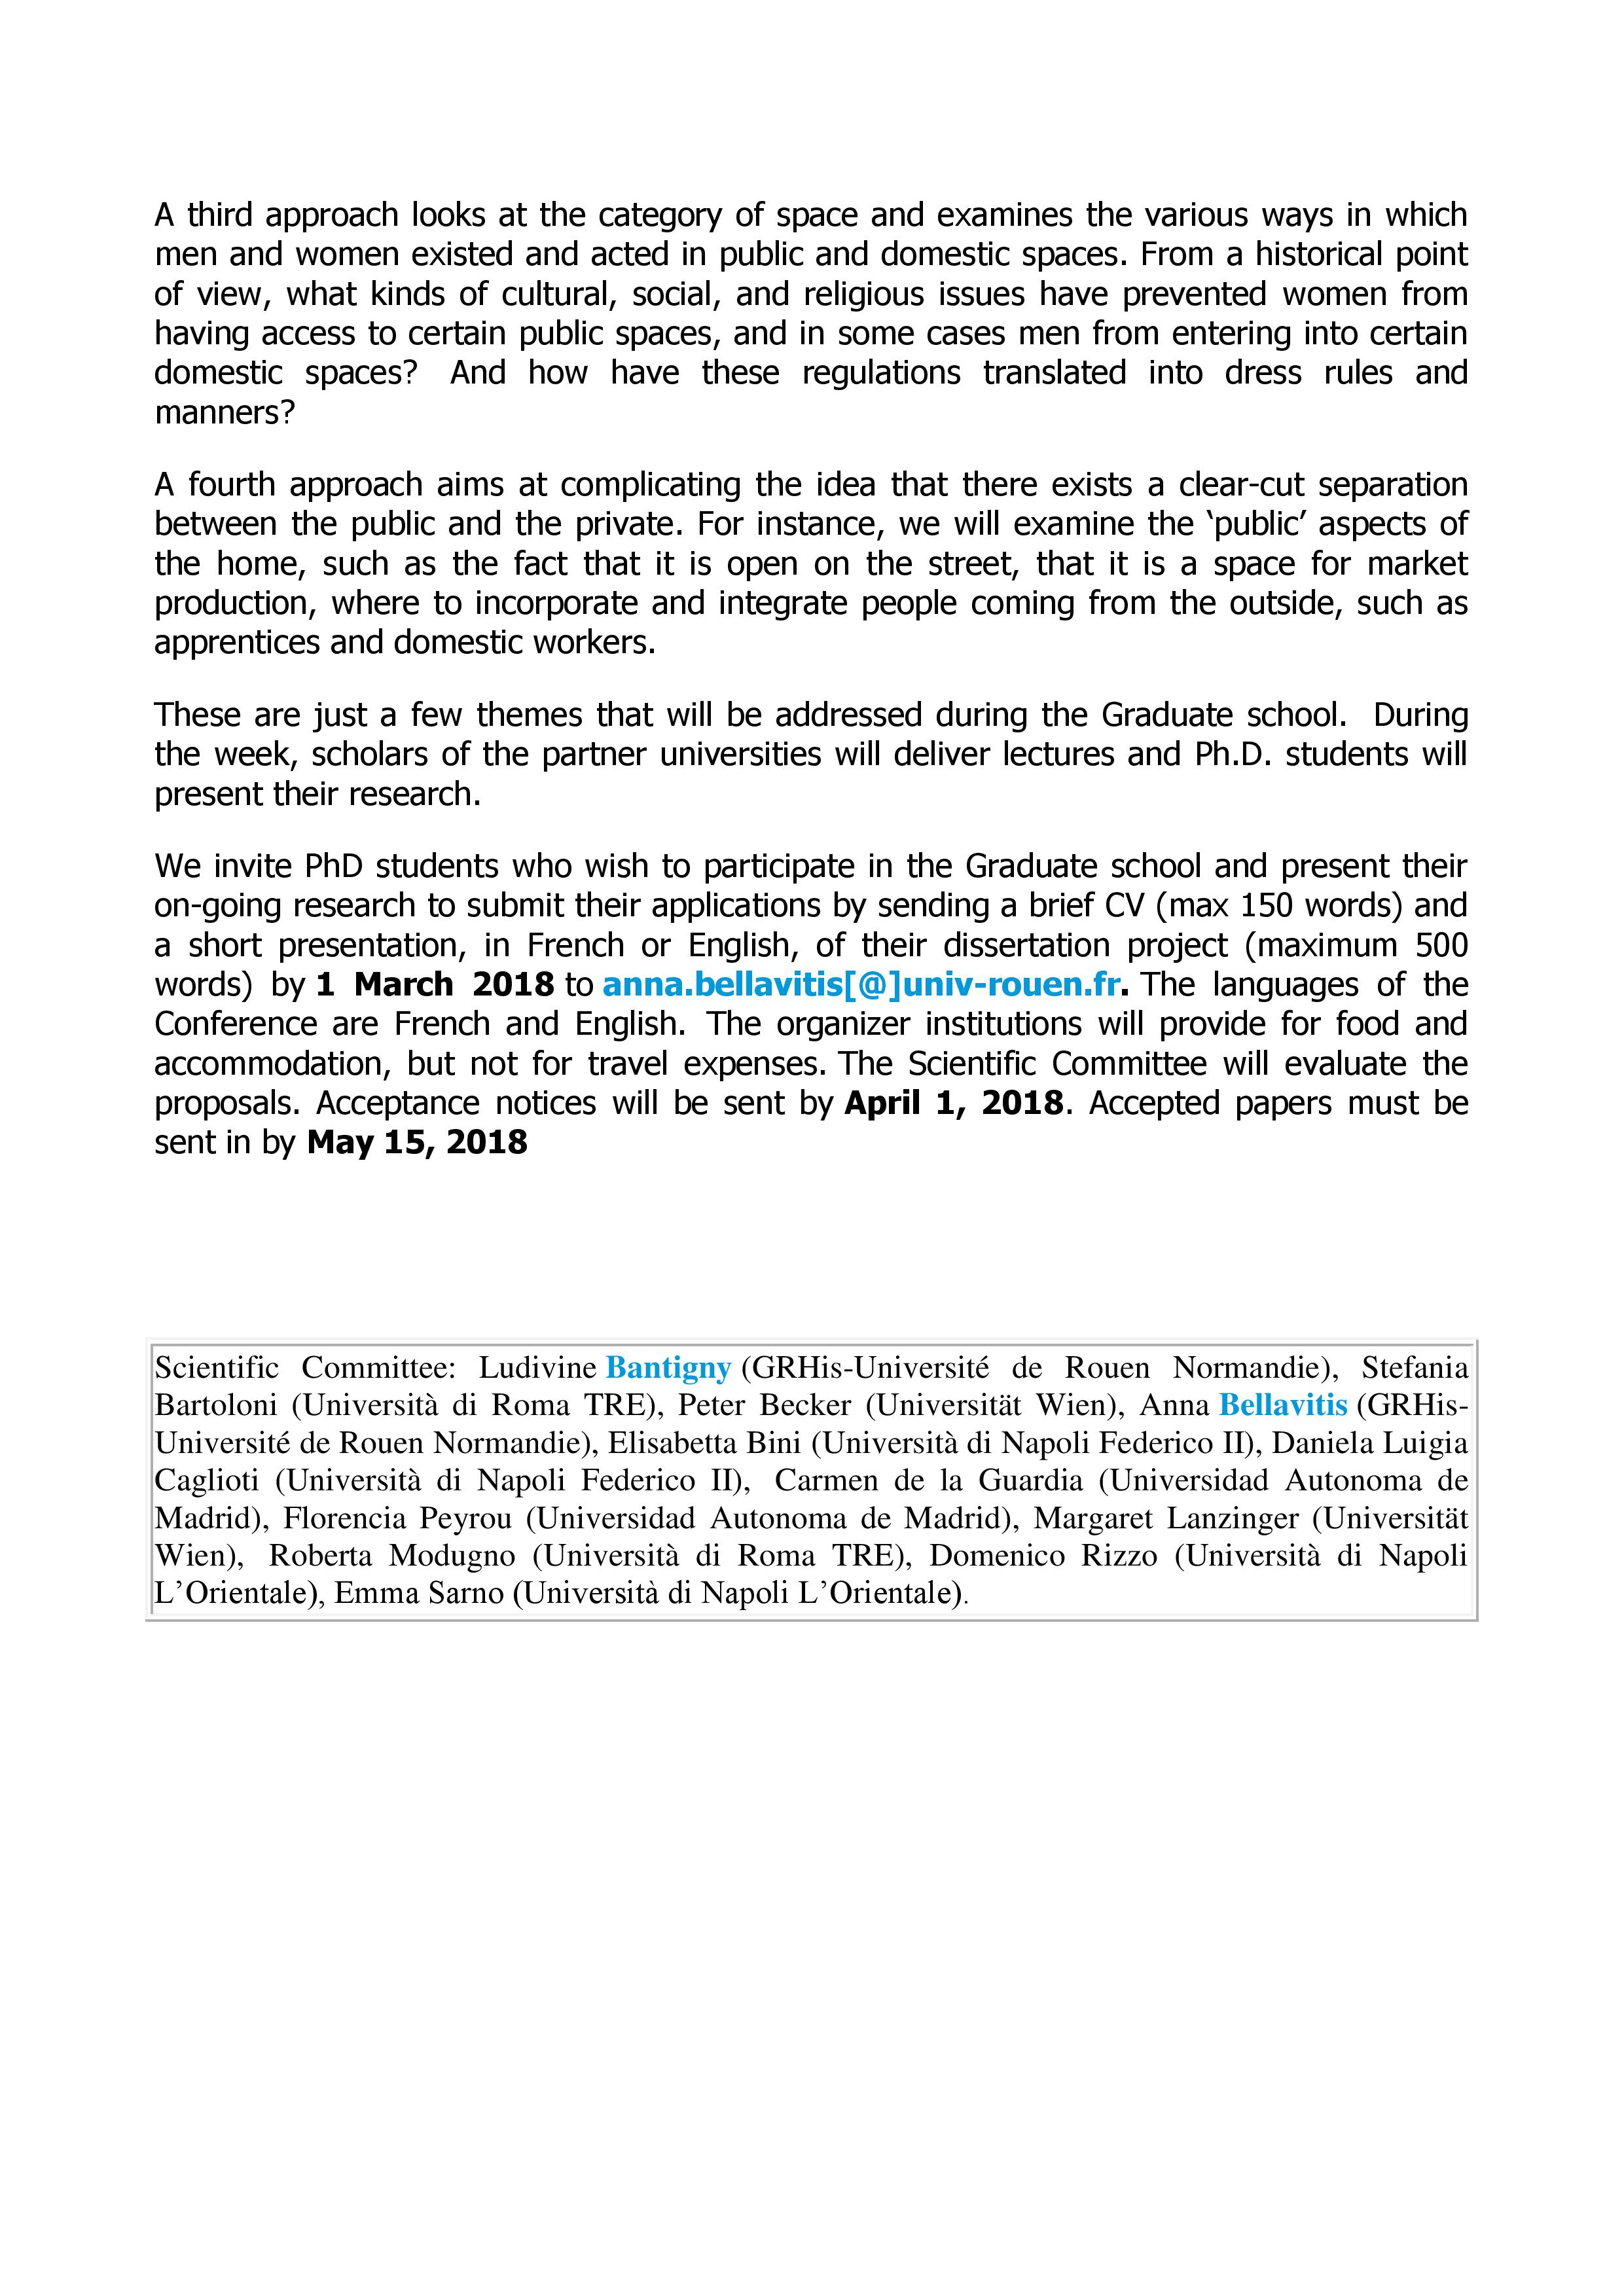 CFP Graduate school Gender-page-002